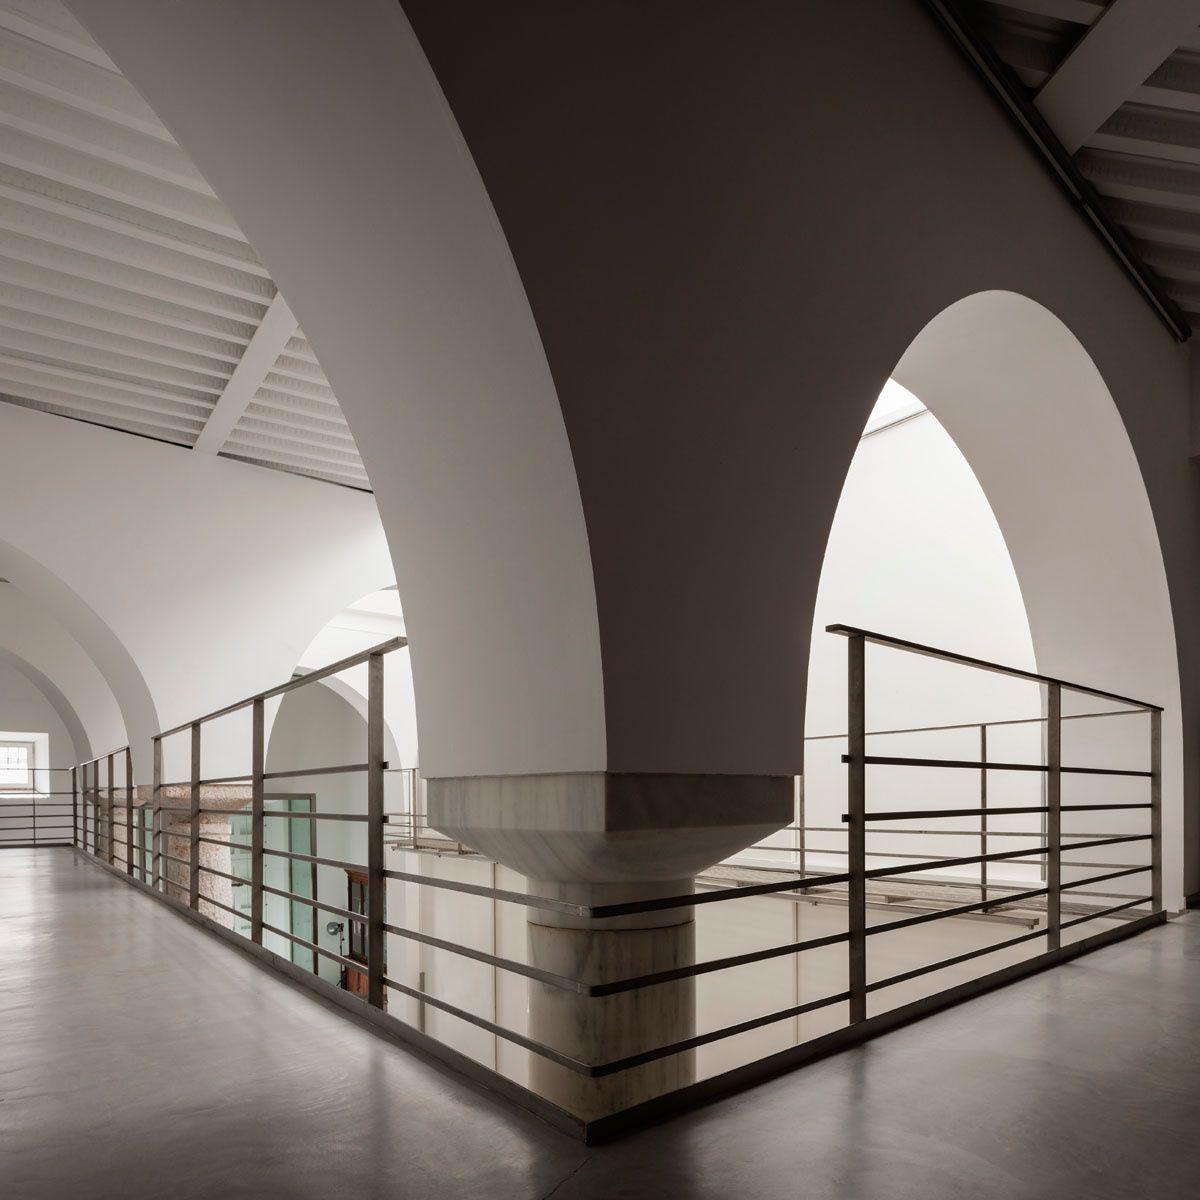 Estudio de arquitectura guillermo v zquez consuegra - Estudio de arquitectura sevilla ...